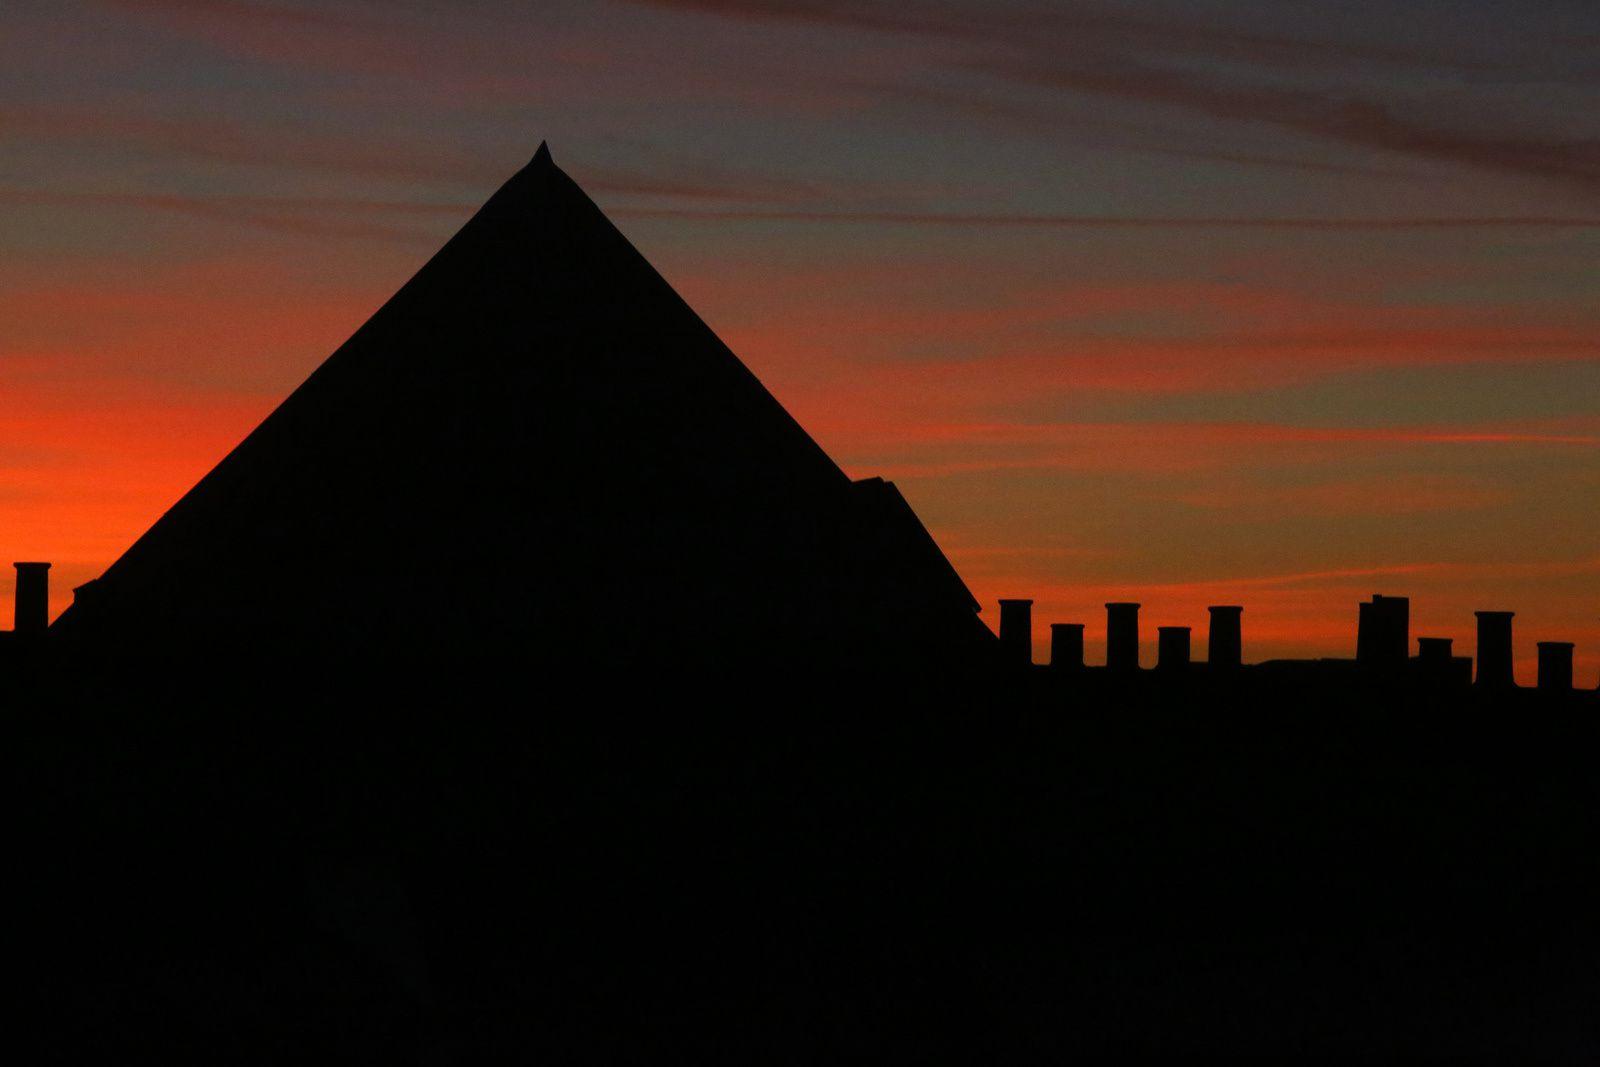 Pyramide à Paris sous un ciel rougeoyant